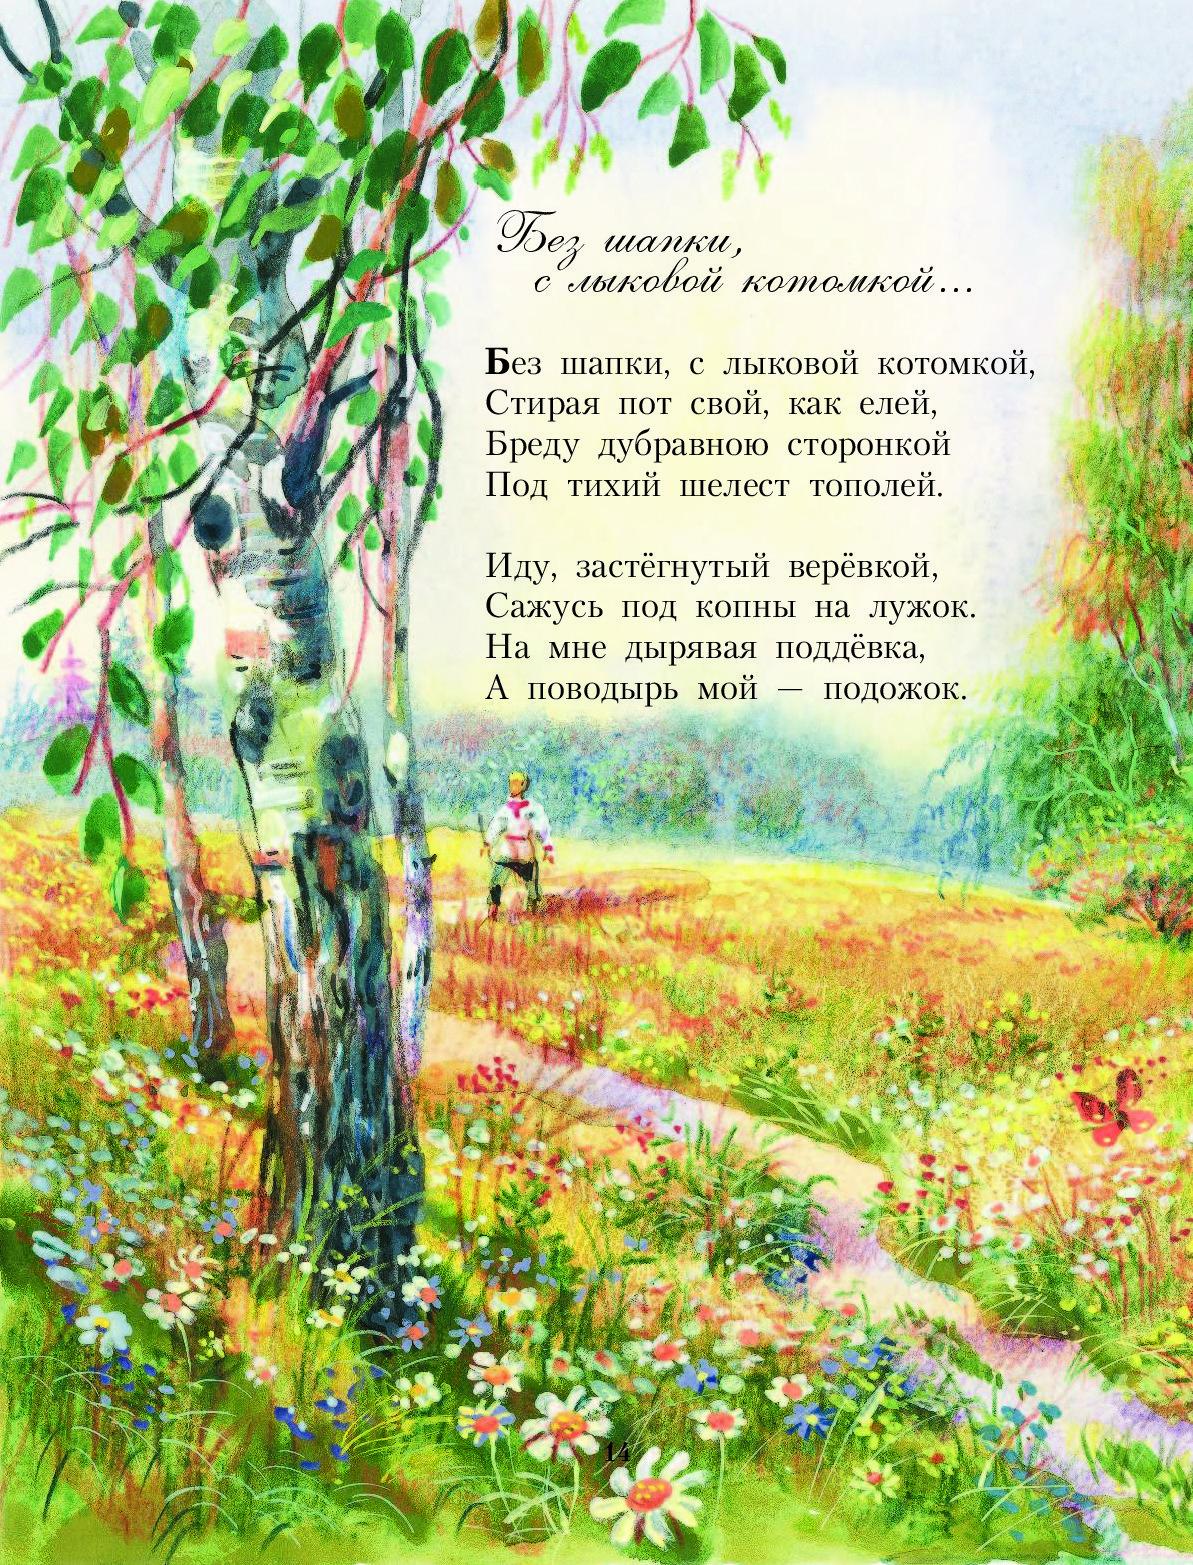 пейзажи стихи есенина обратиться ней